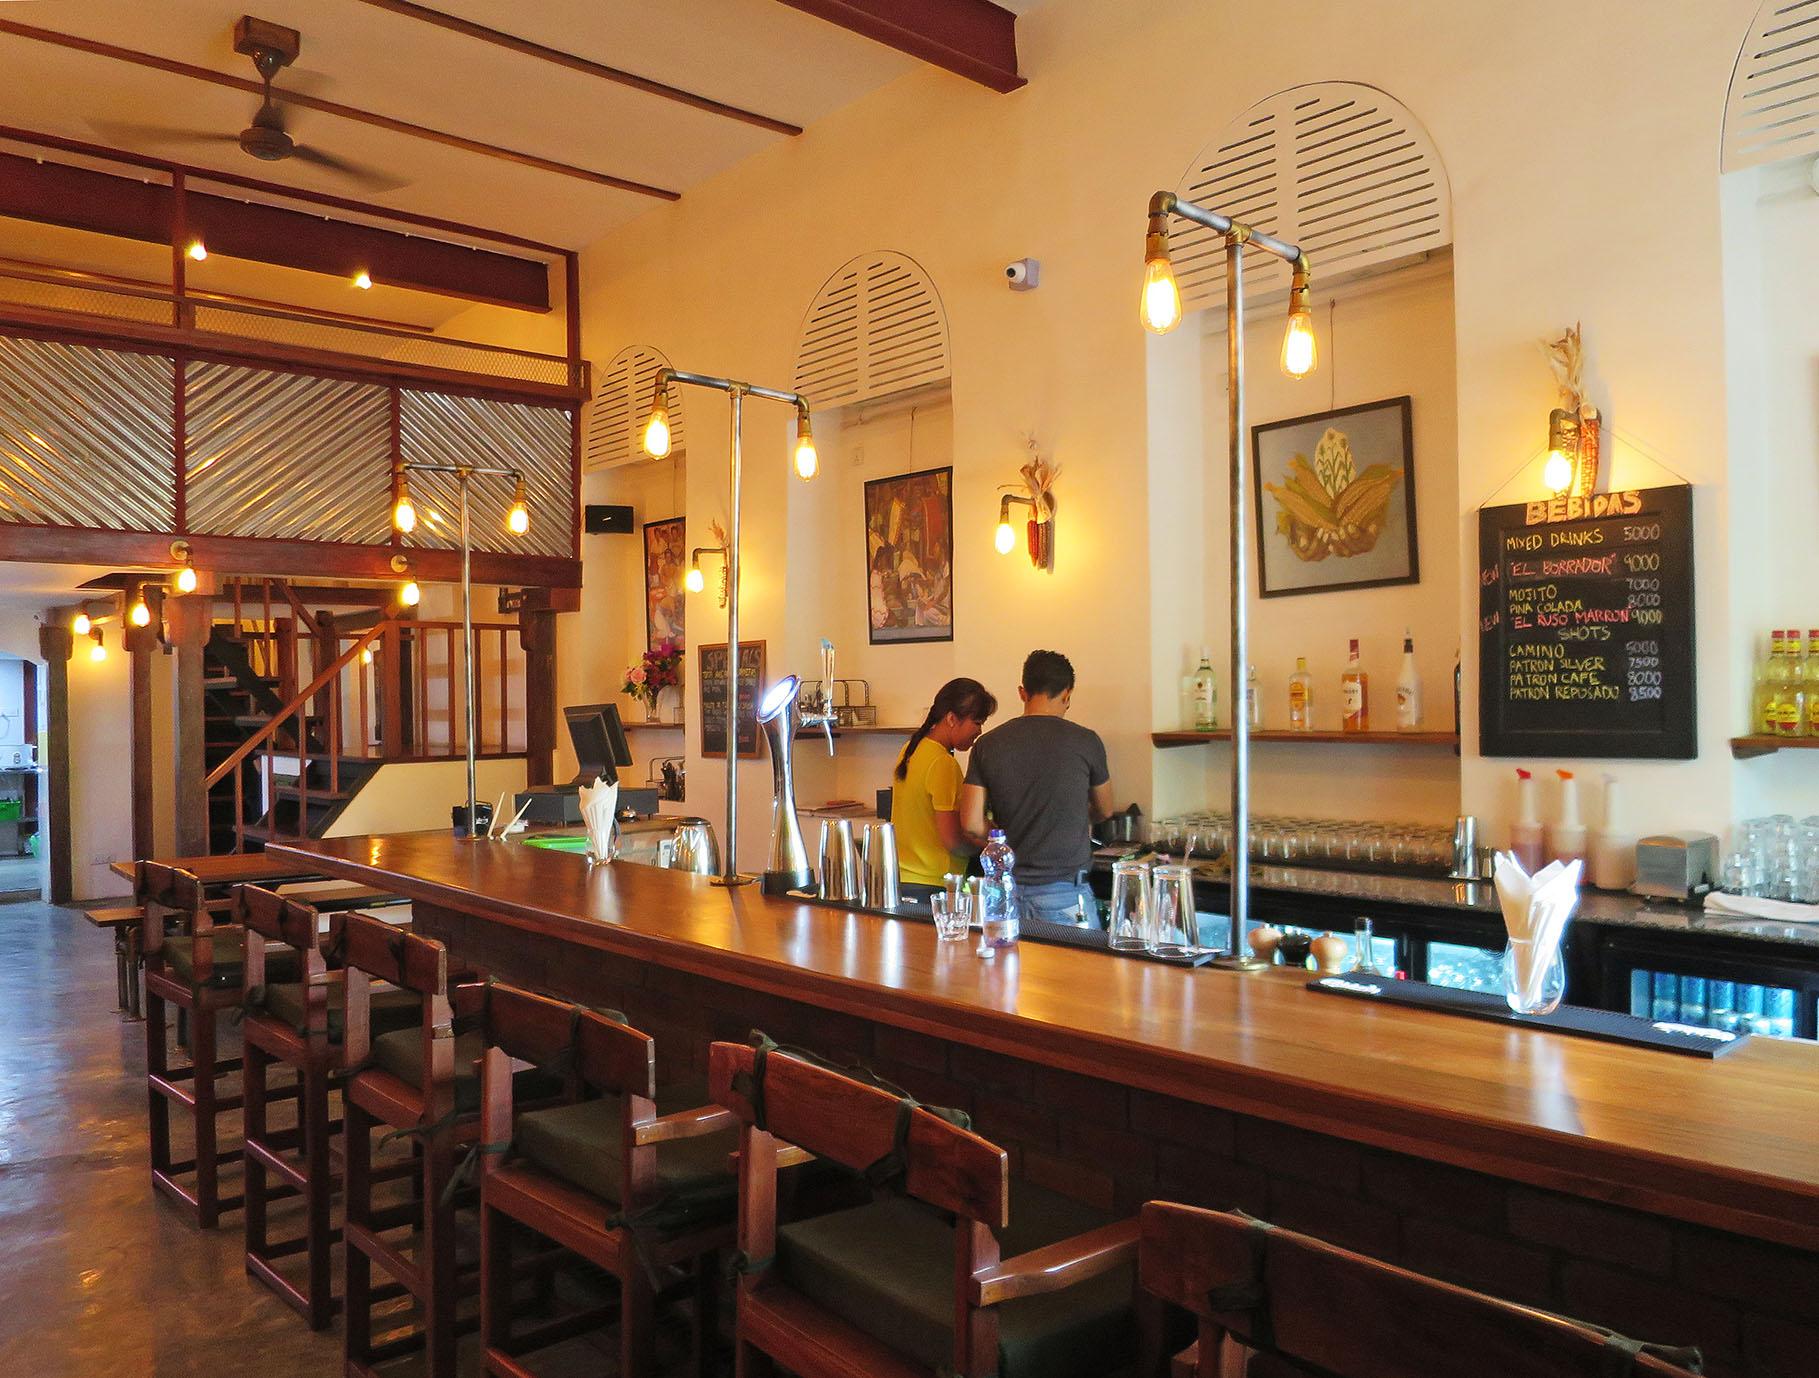 すでに閉店したお洒落系カフェバー。欧米人経営の場合、賃貸や法律上のトラブルで繁盛していても閉店する場合もある。